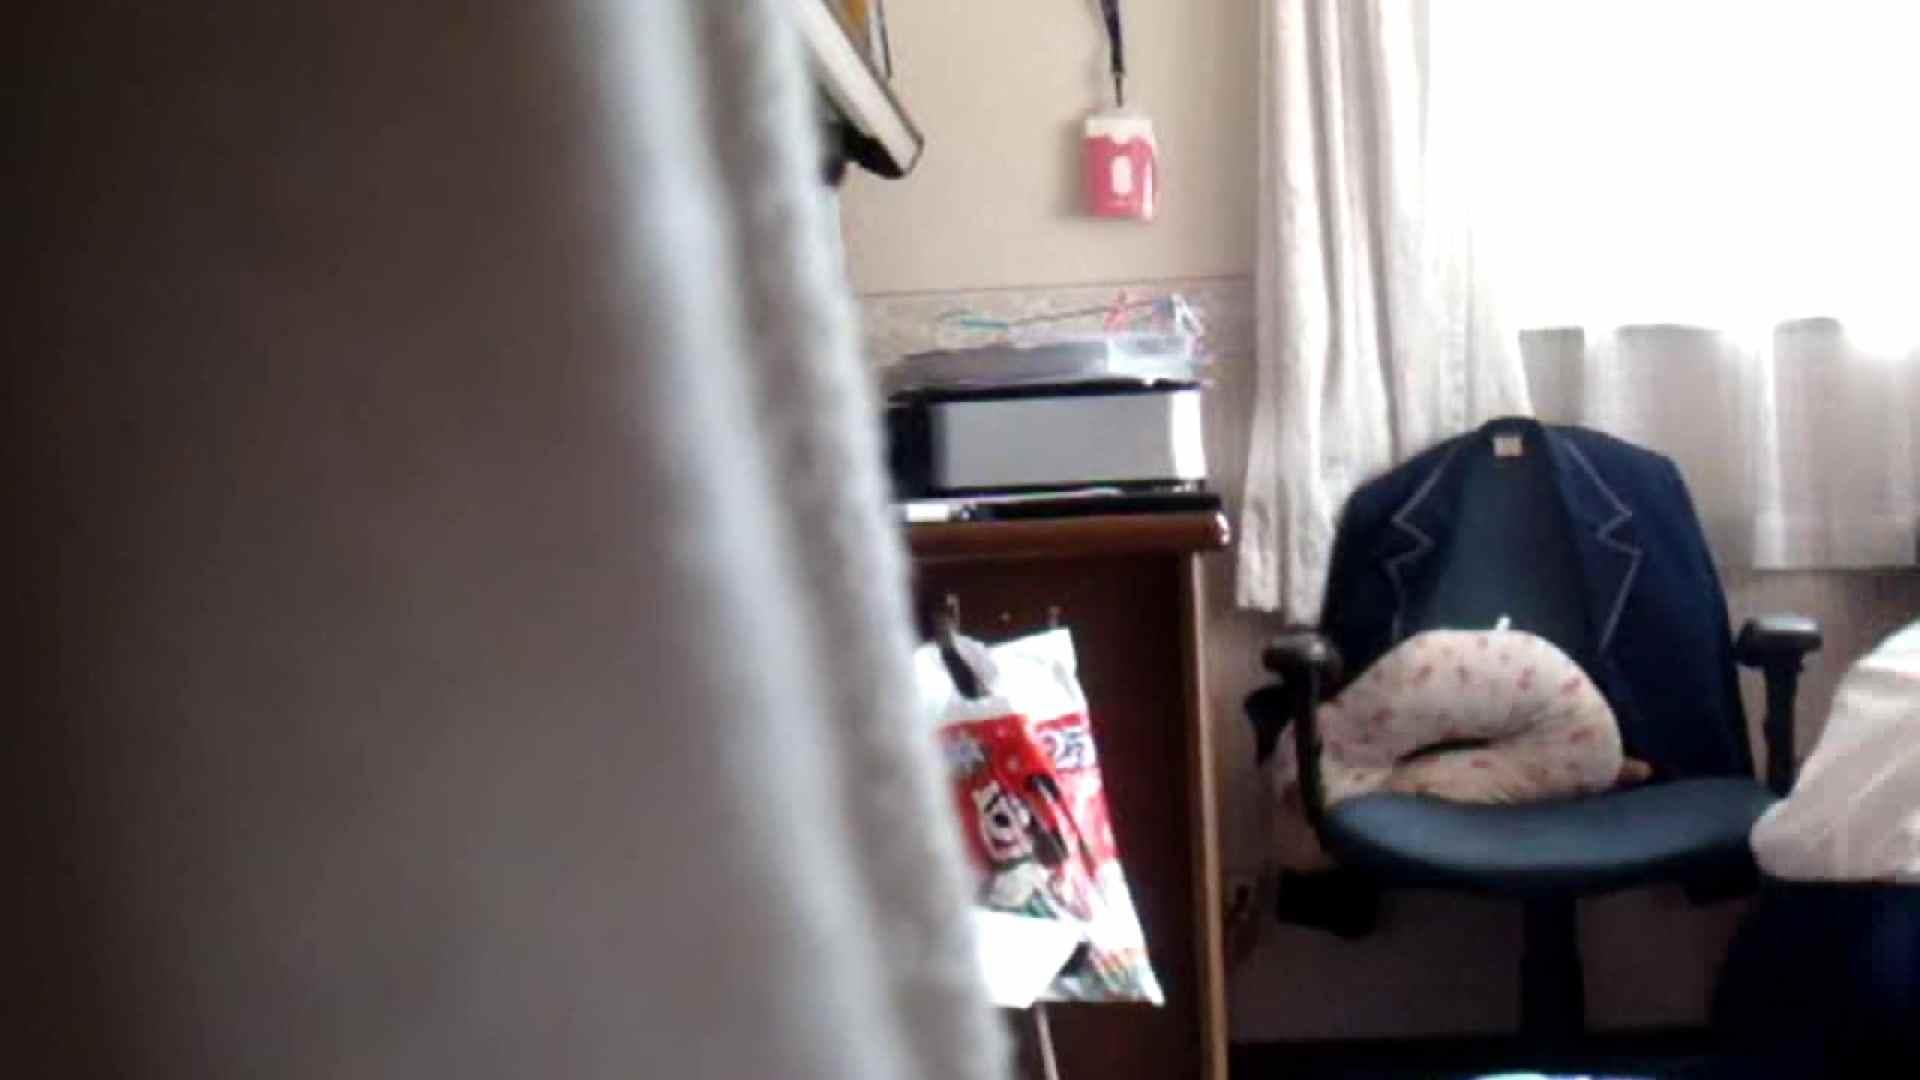 vol.4 まどかの帰宅後の部屋、ベッドで何かが始まります。 OLハメ撮り  113Pix 82